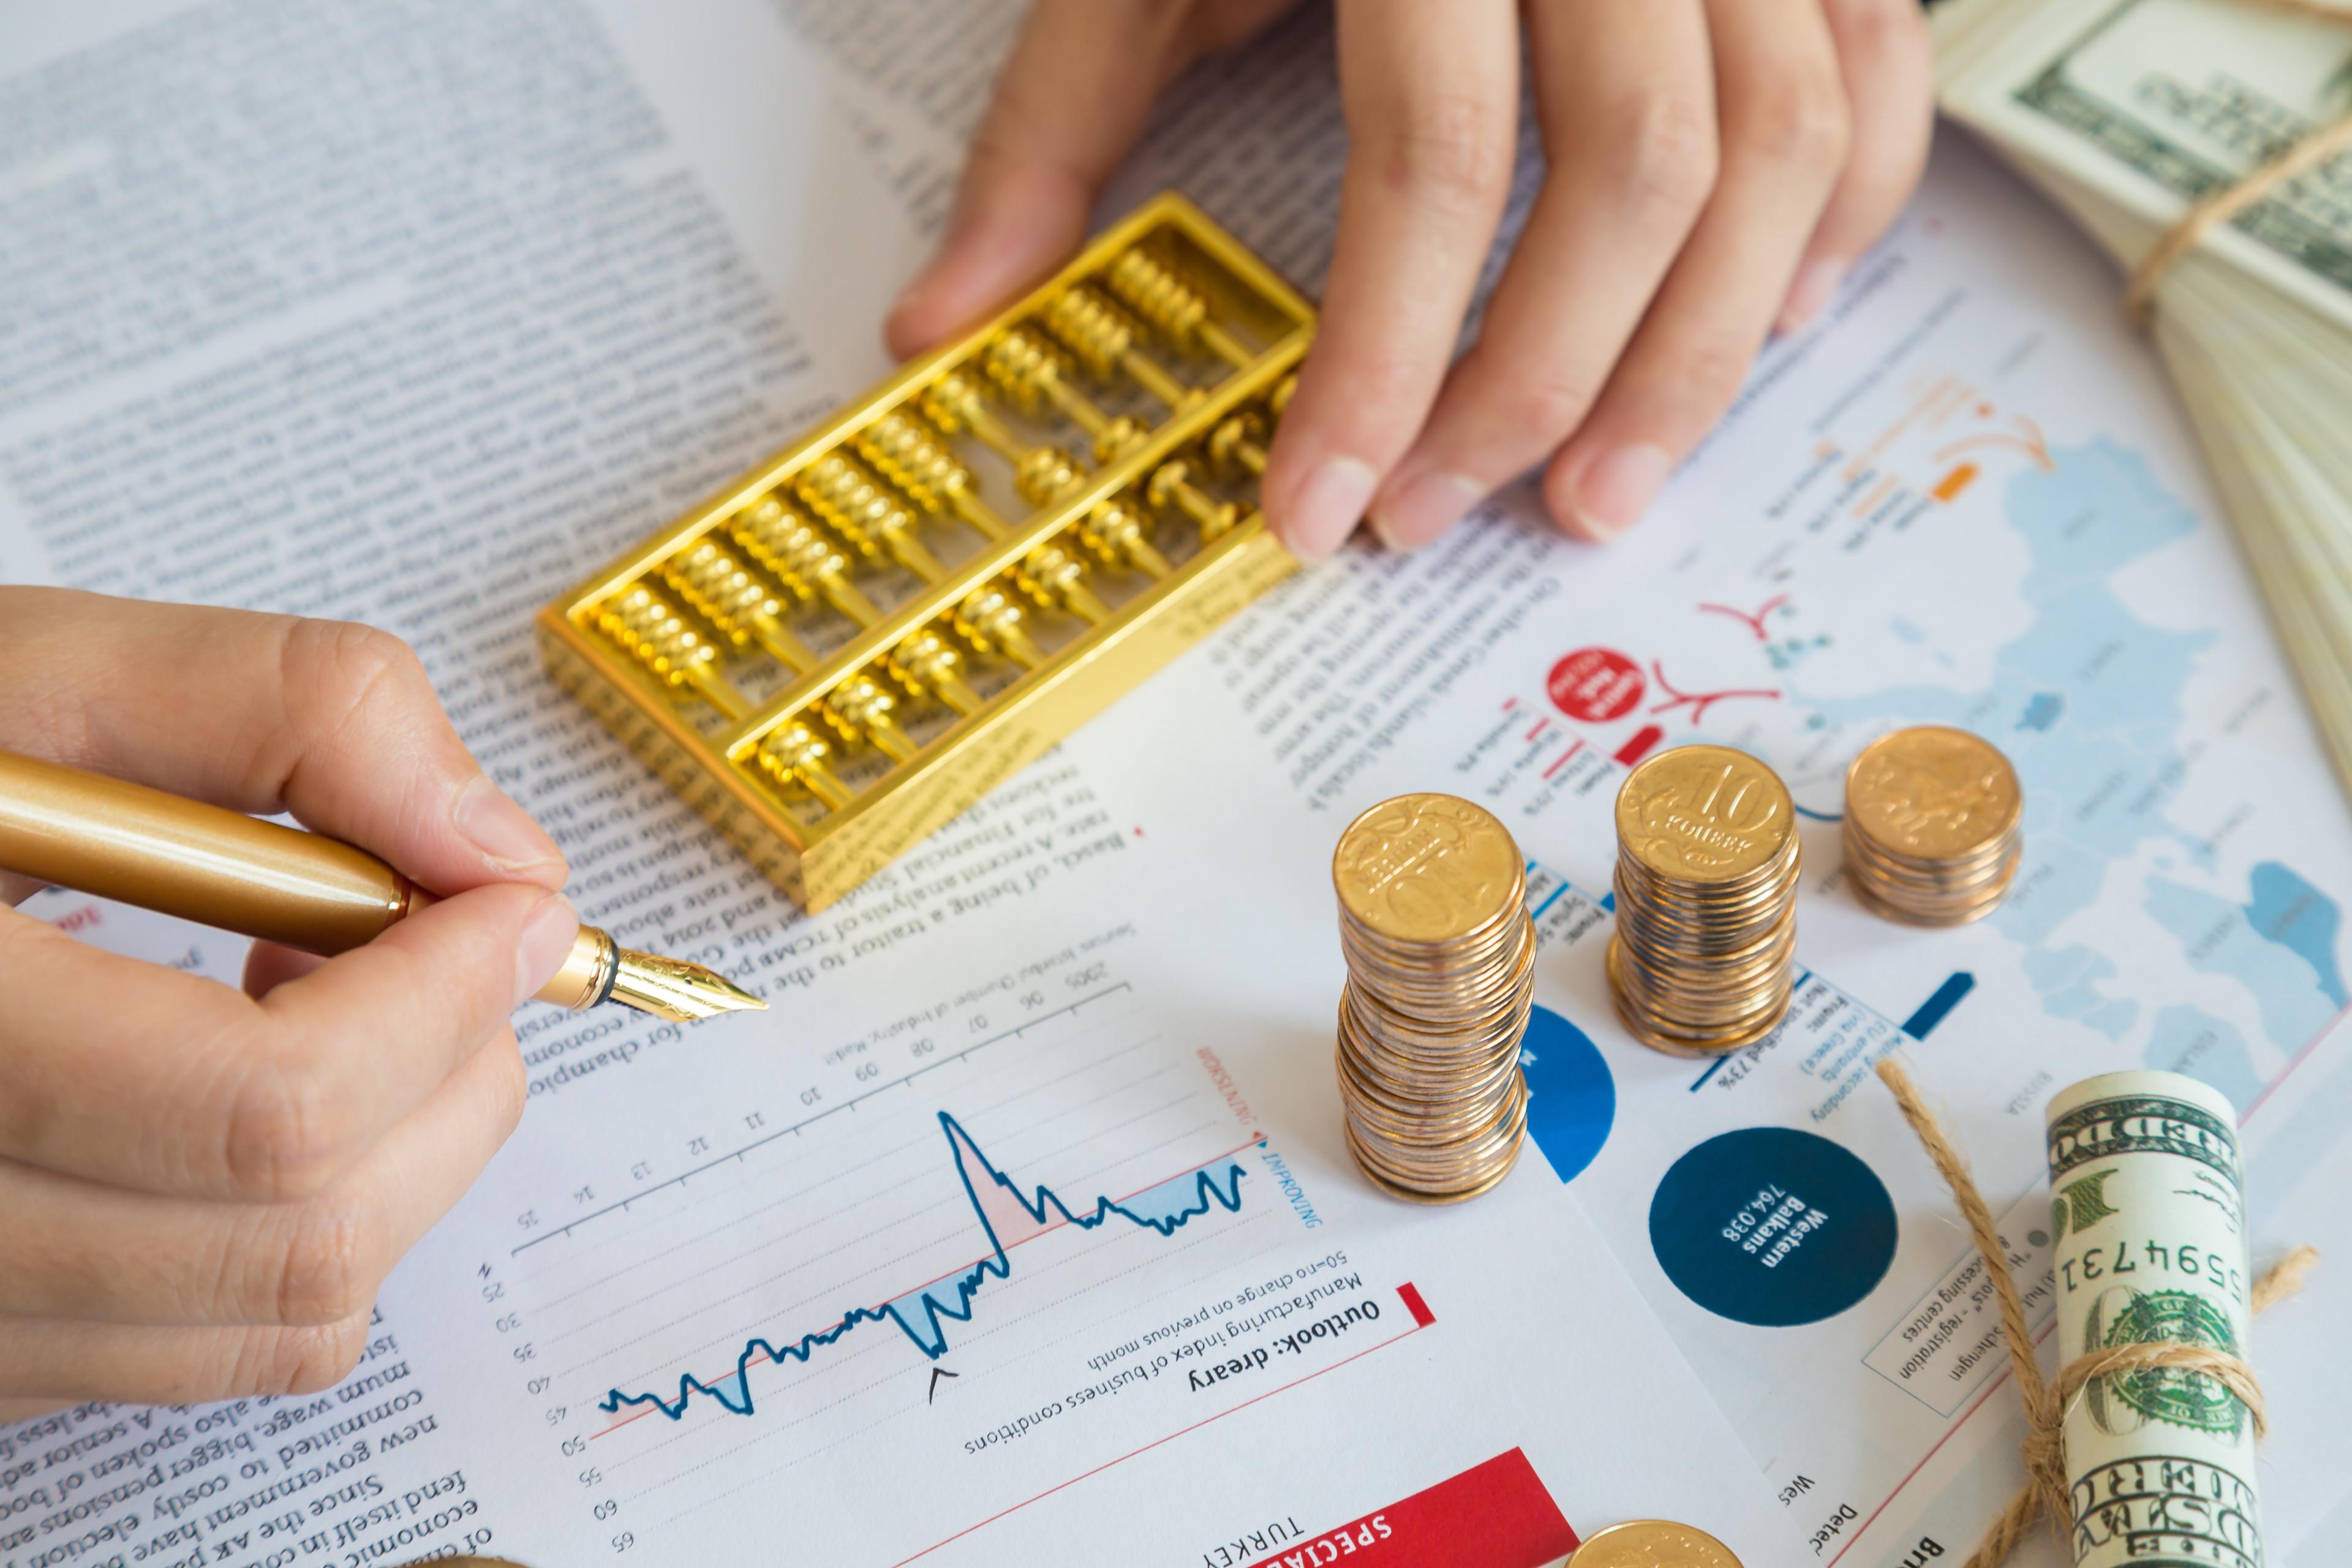 2019退休准备指数近两年首降,财务问题引担忧养老第三支柱待强化